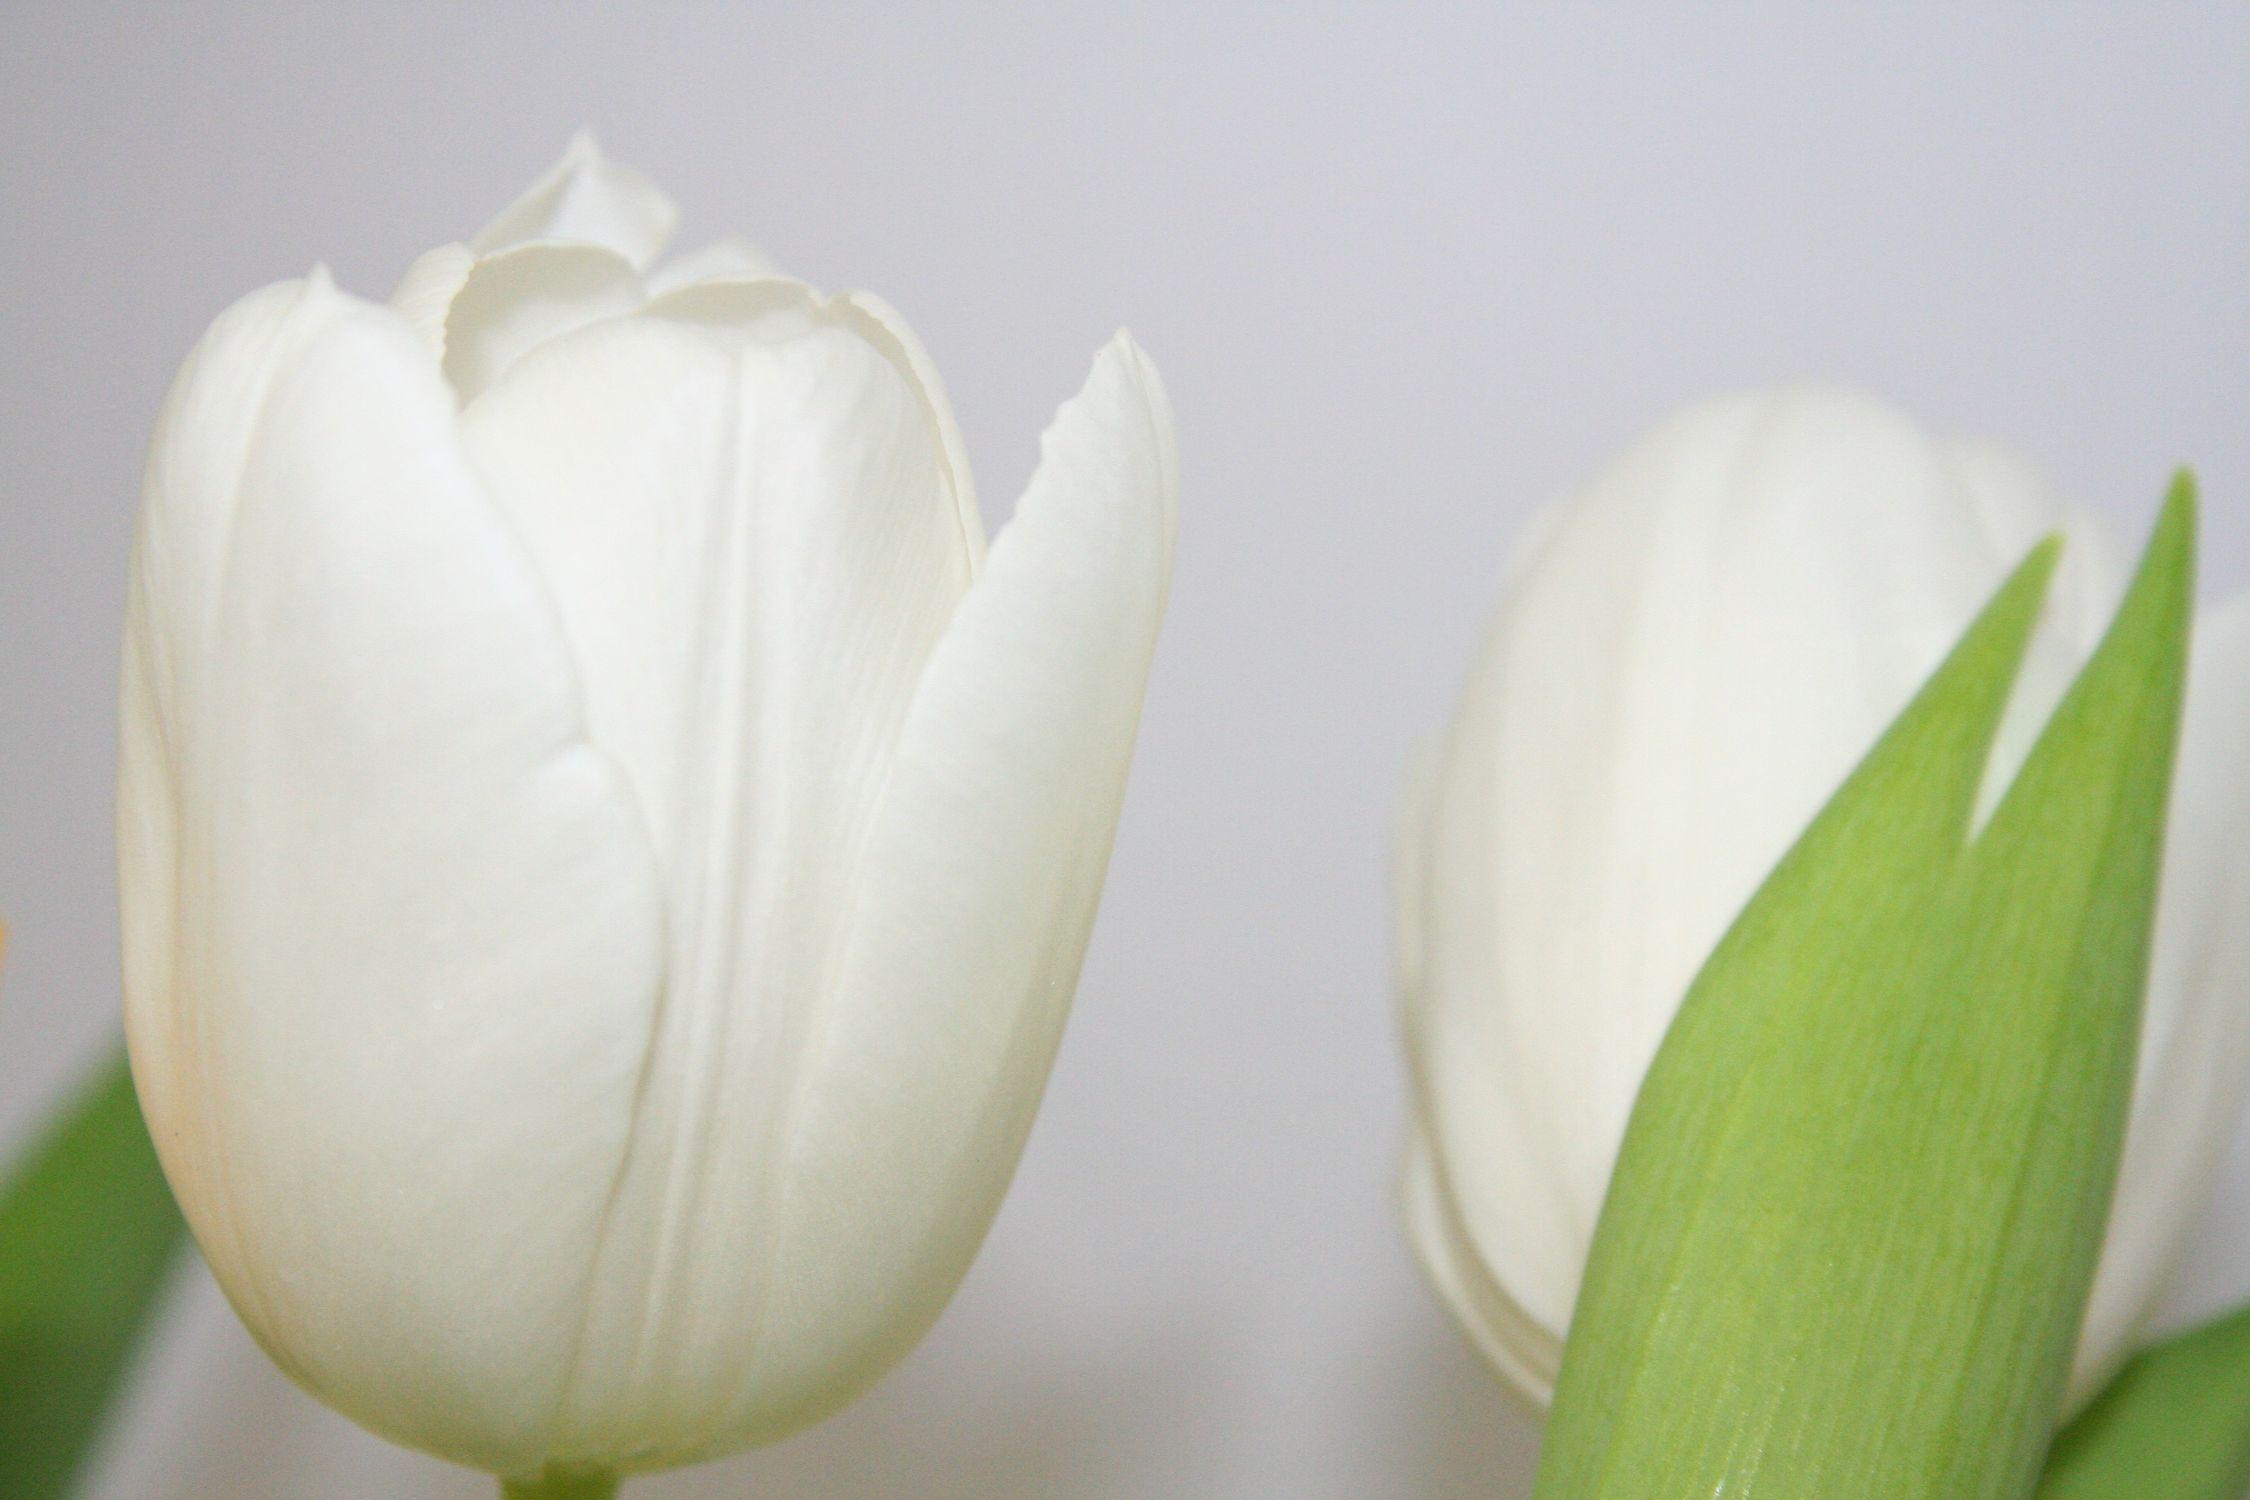 Bild mit Farben, Natur, Pflanzen, Blumen, Blumen, Weiß, Weiß, Blume, Pflanze, Tulpe, Tulips, Tulpen, weiße Tulpen, Tulipa, Flower, Flowers, Tulip, weiße Tulpe, white tulip, white tulips